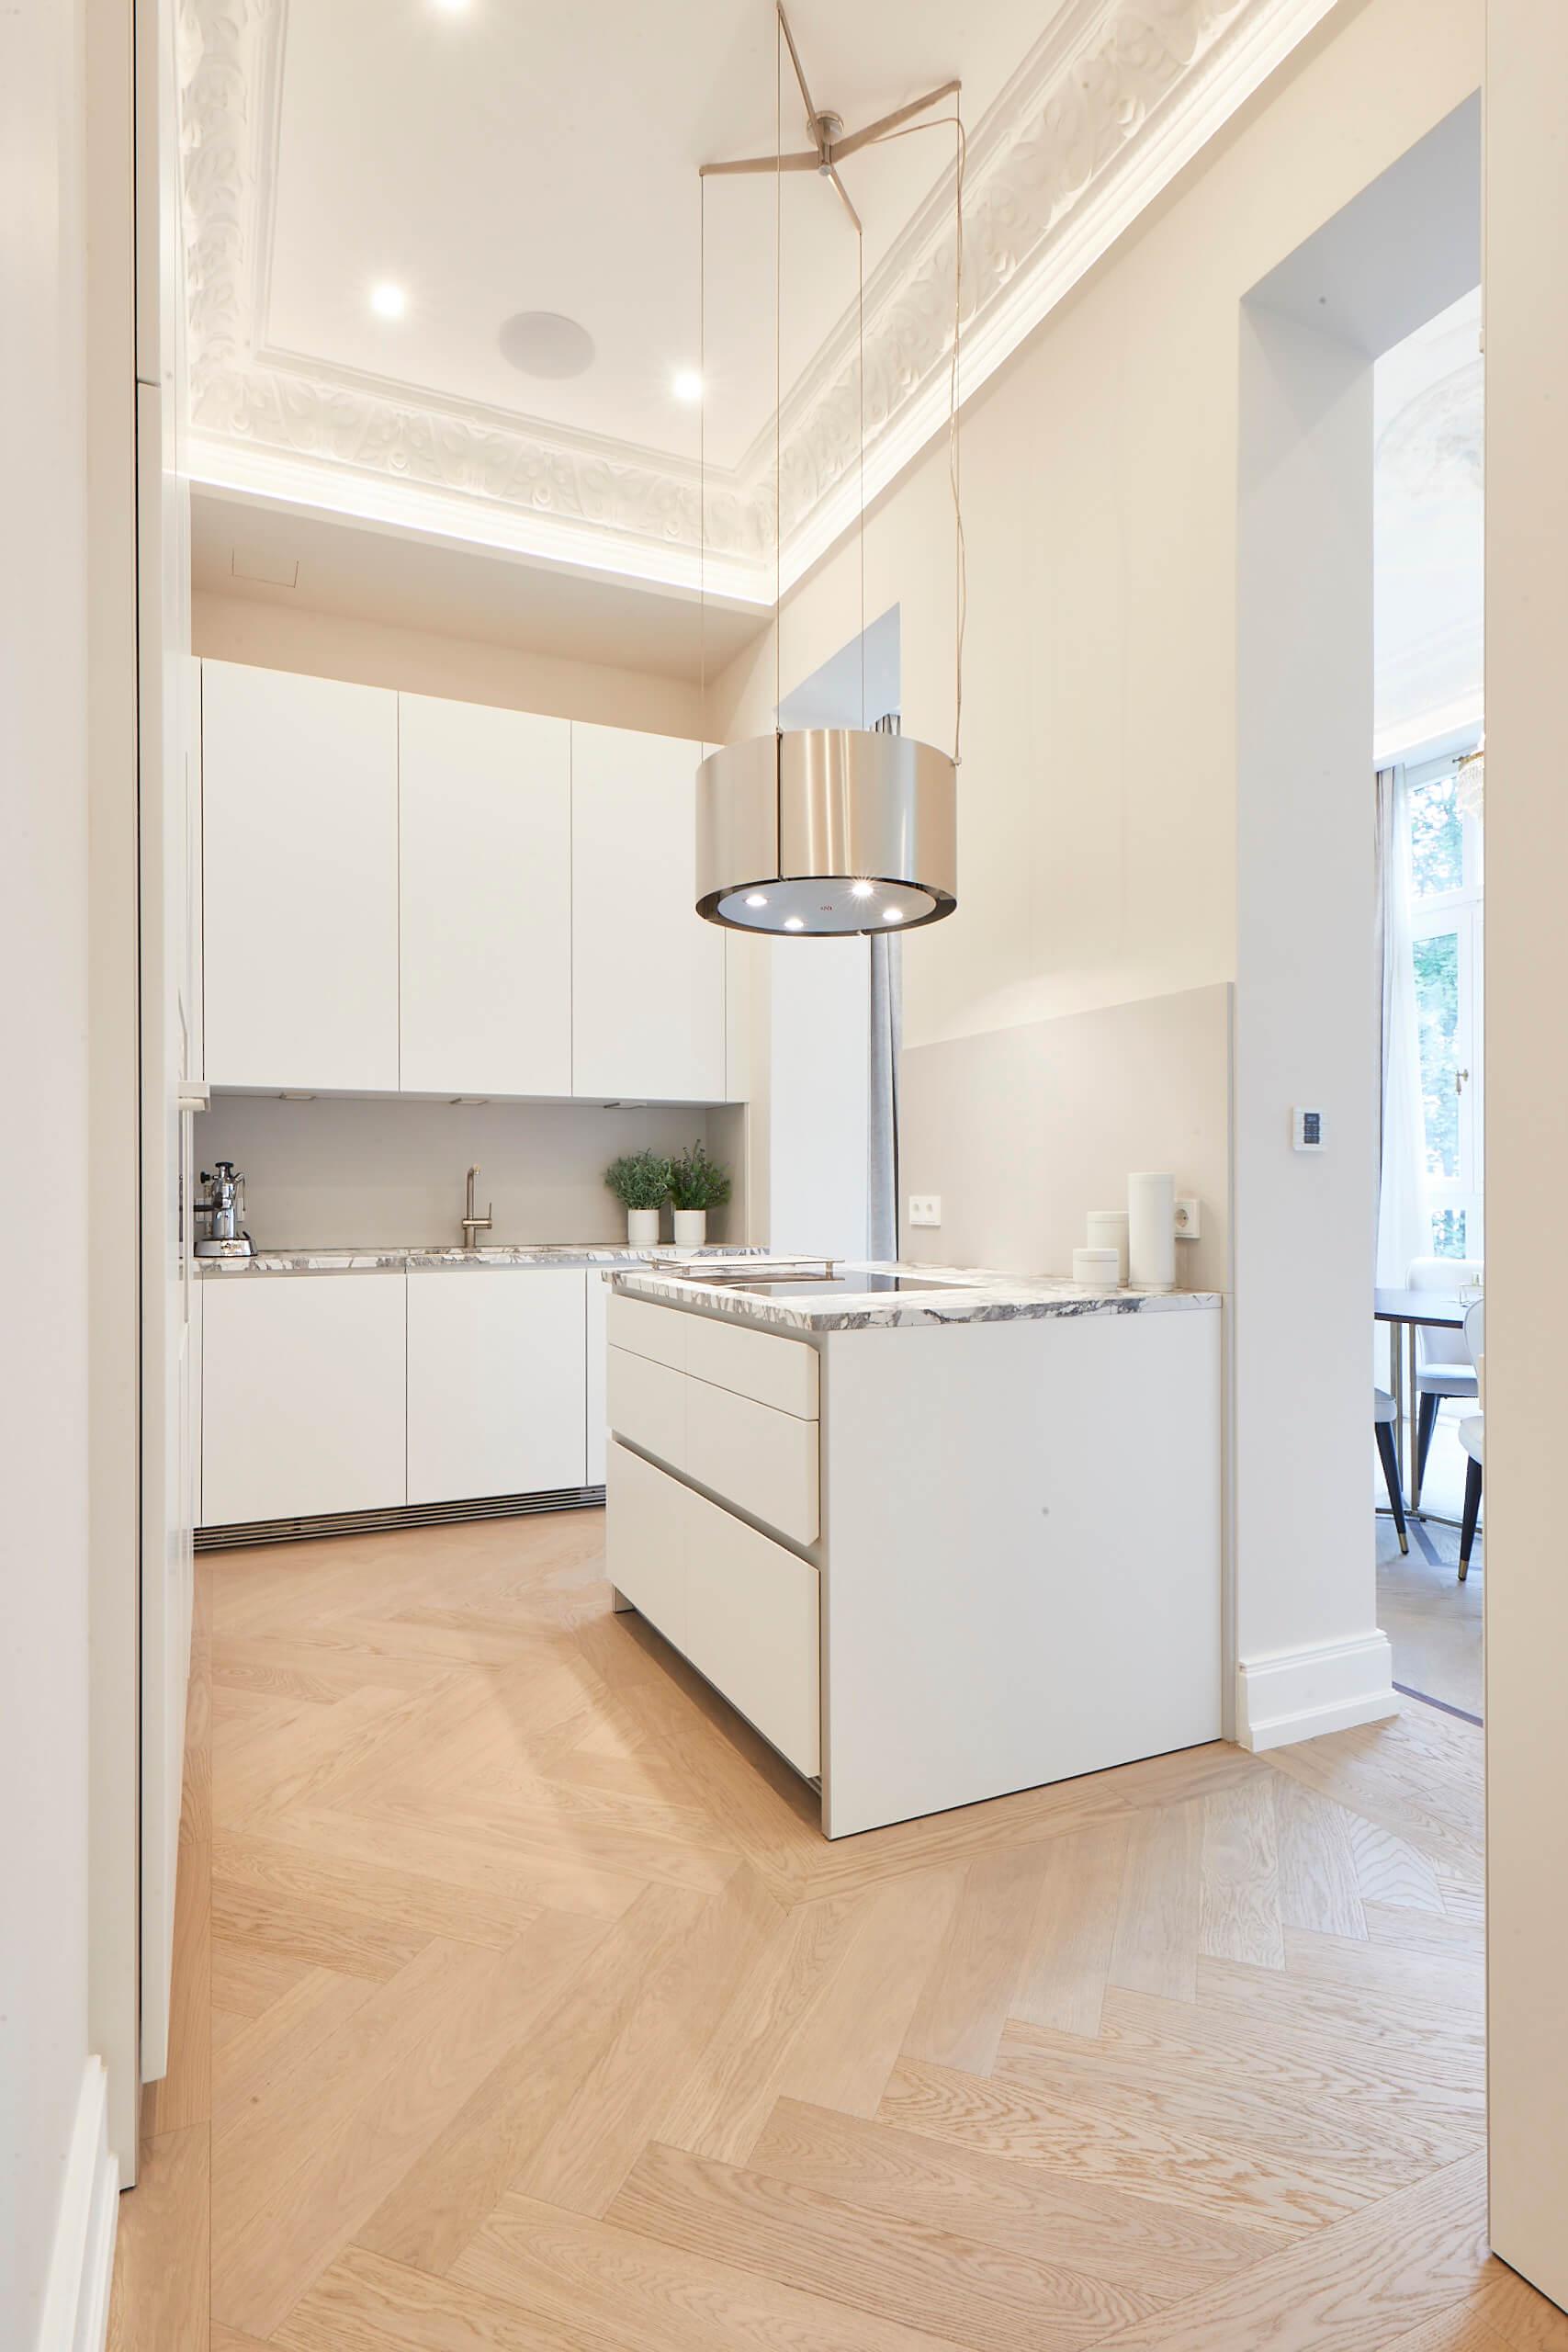 Küchen Atelier Hamburg - Bulthaup b1 in Winterhude